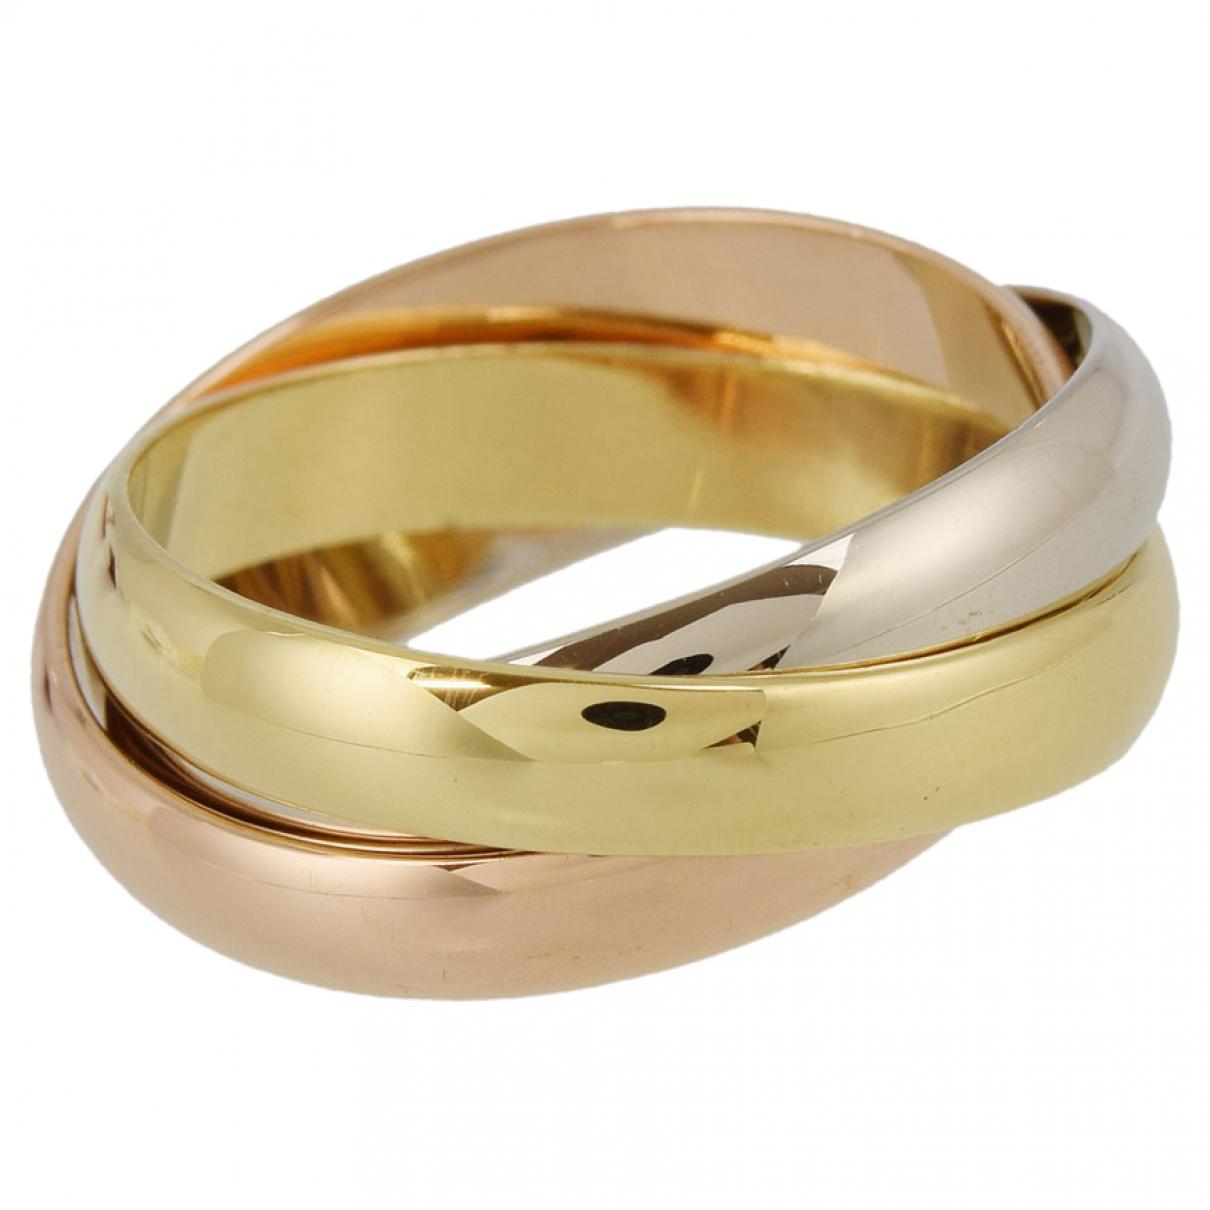 Cartier - Bague Trinity pour femme en or jaune - dore